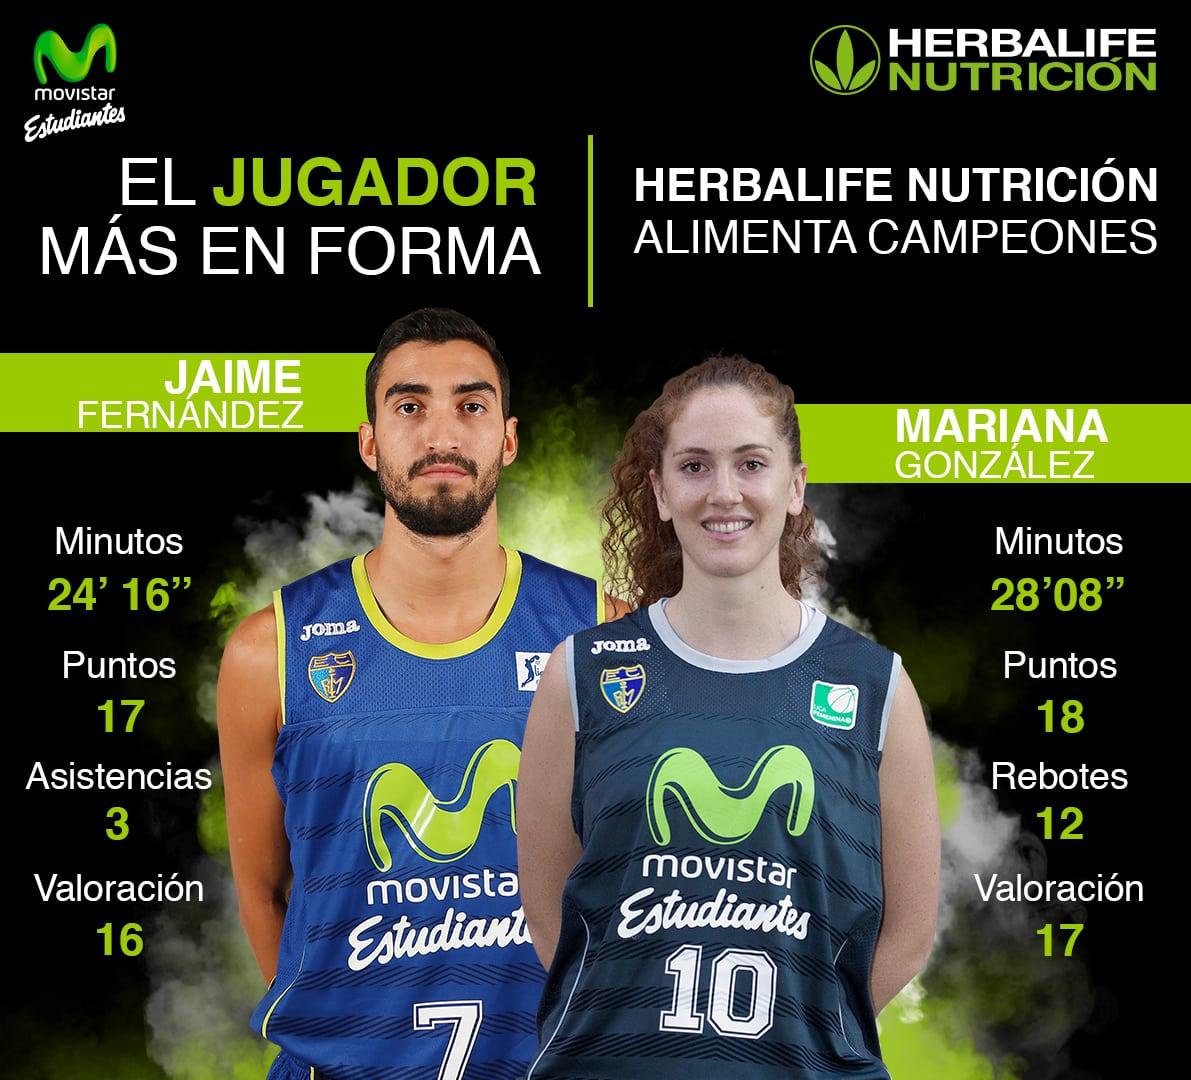 Herbalife presenta a los jugadores más en forma de la jornada: Jaime Fernández y Mariana González